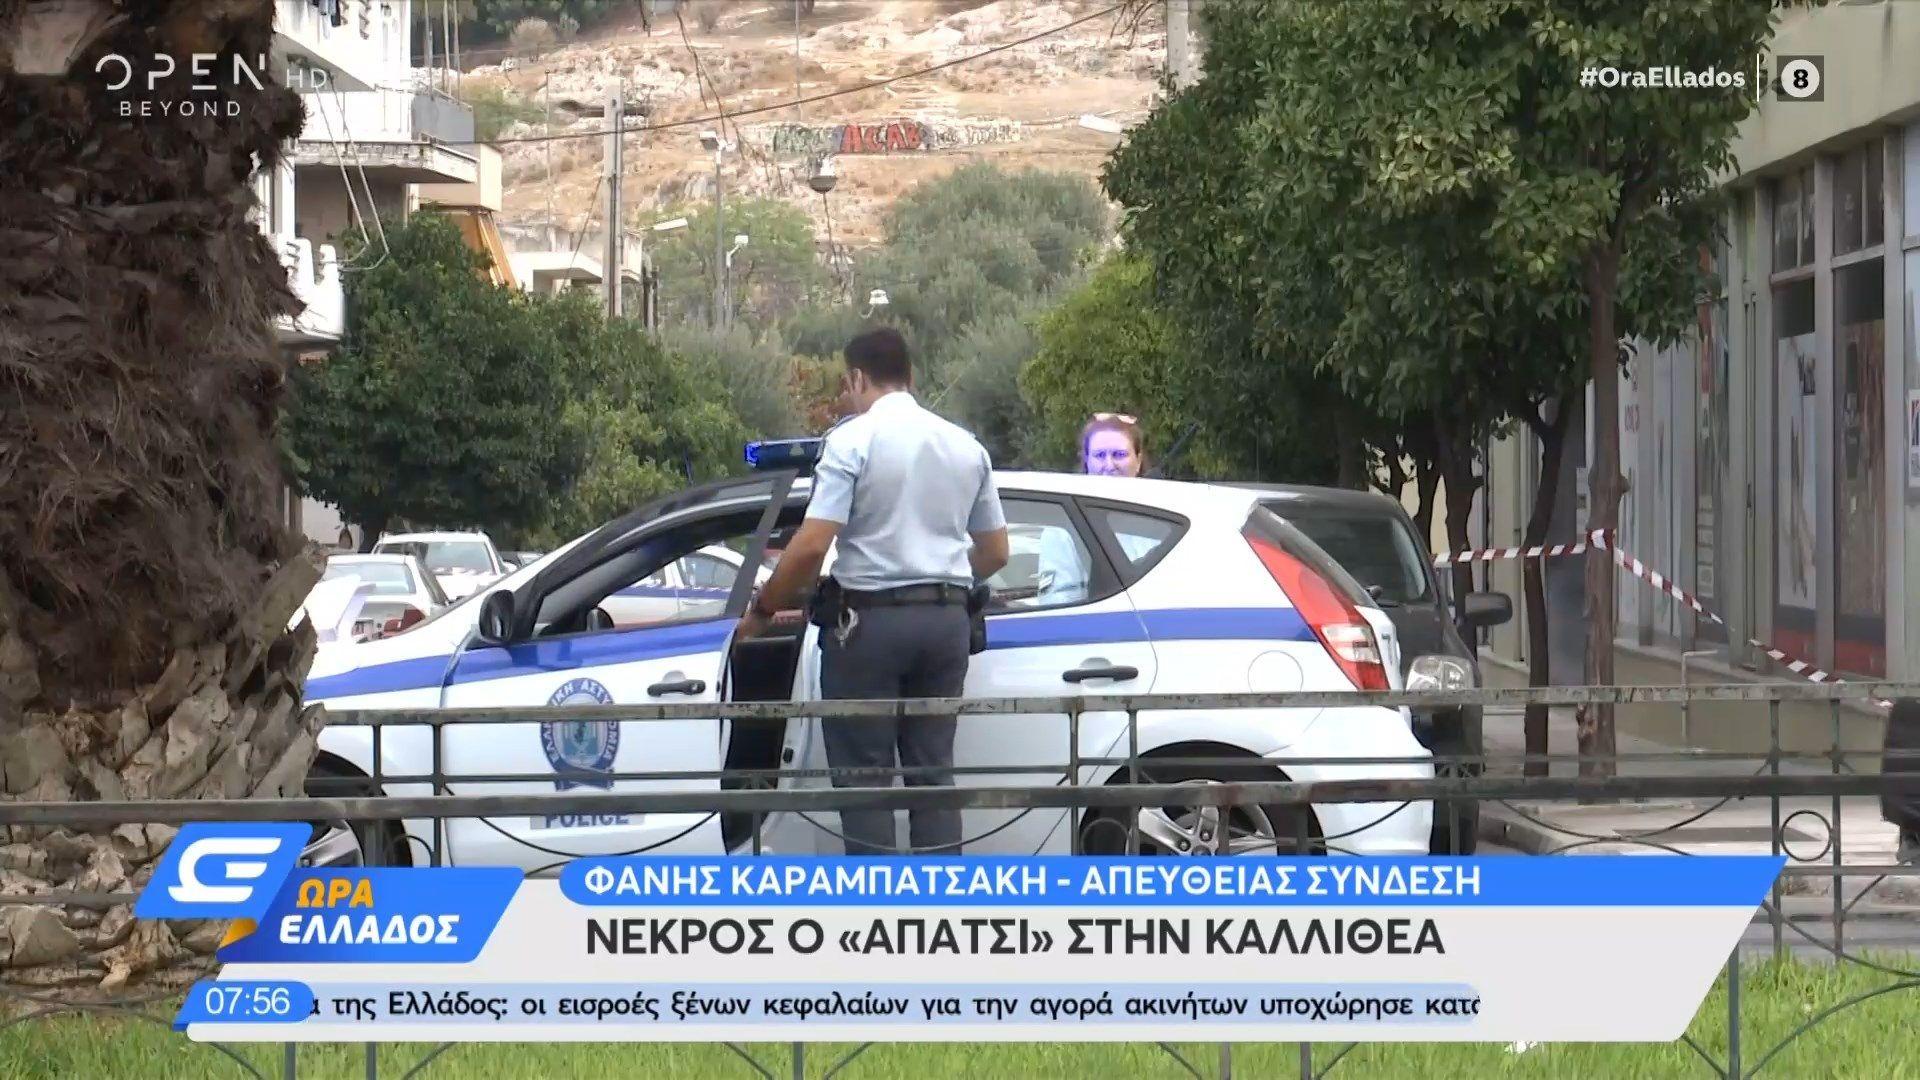 Δολοφονία 60χρονου στην Καλλιθέα - Ποιός ήταν ο «Απάτσι» που γάζωσαν τα  ξημερώματα - BINTEO | ενότητες, κοινωνία | Real.gr